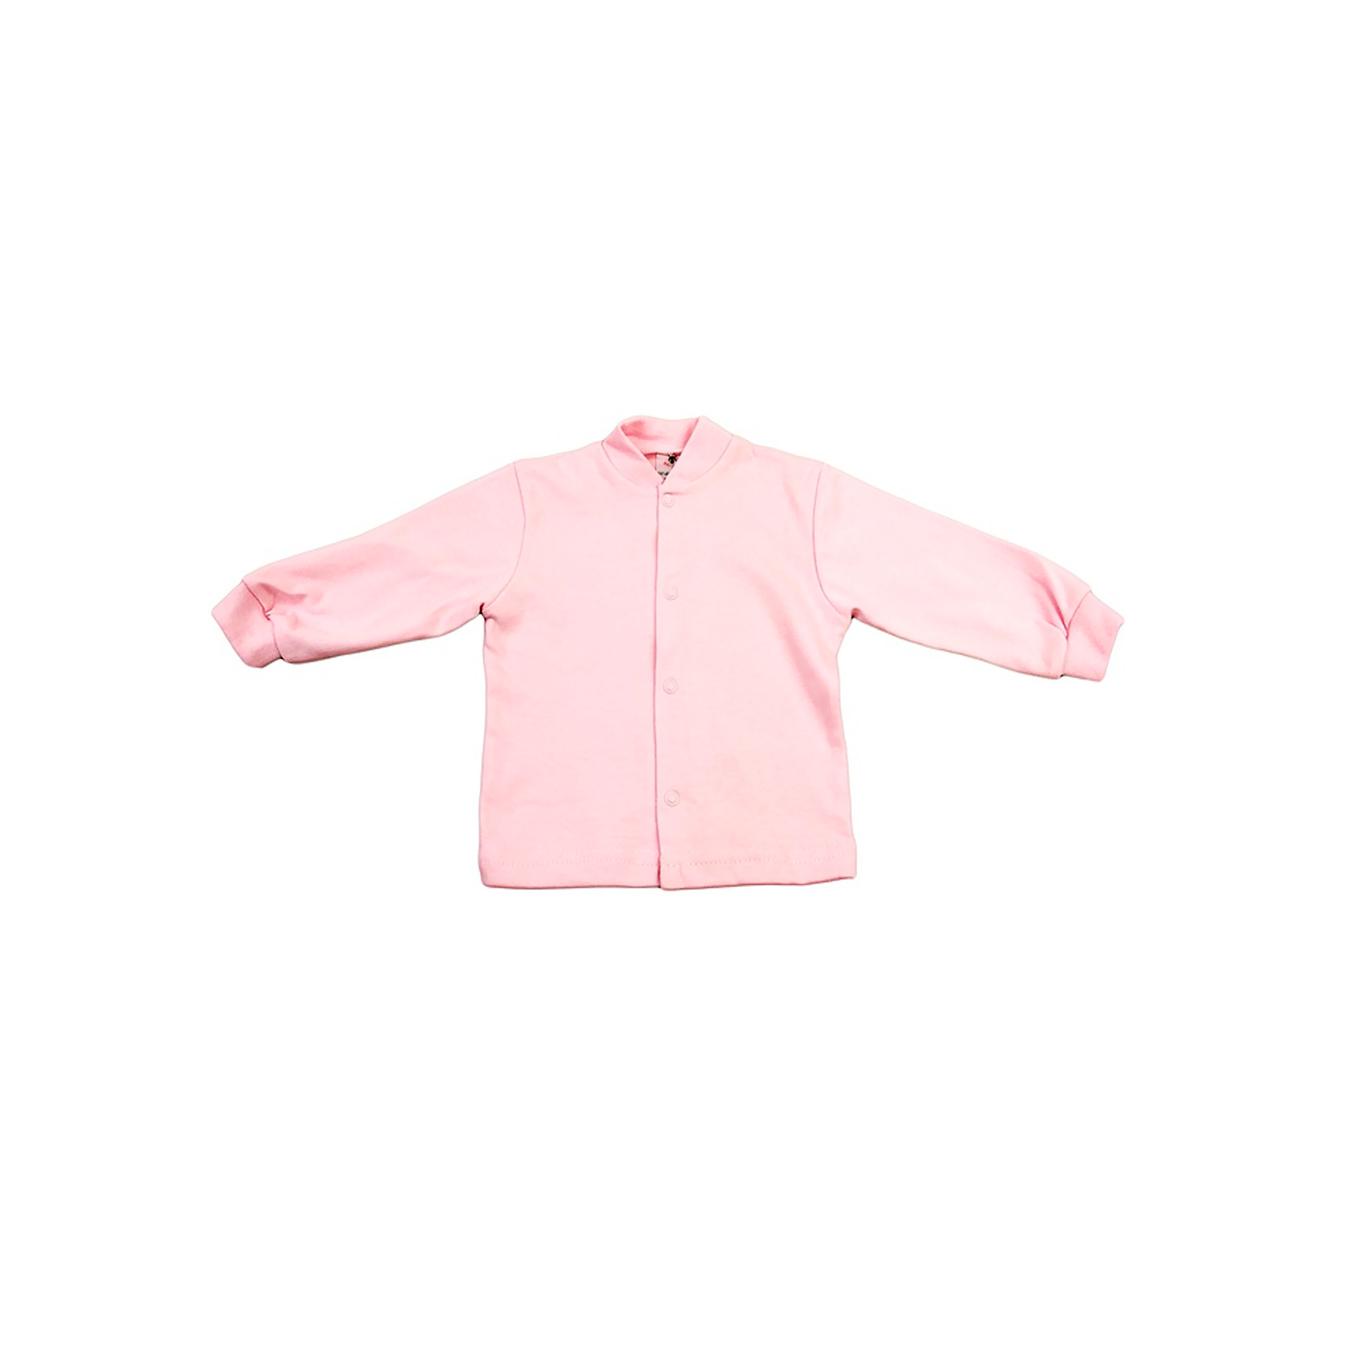 Кофточка КОТМАРКОТ для девочки, цвет однотонный розовый 9-12 мес (размер 80)<br>